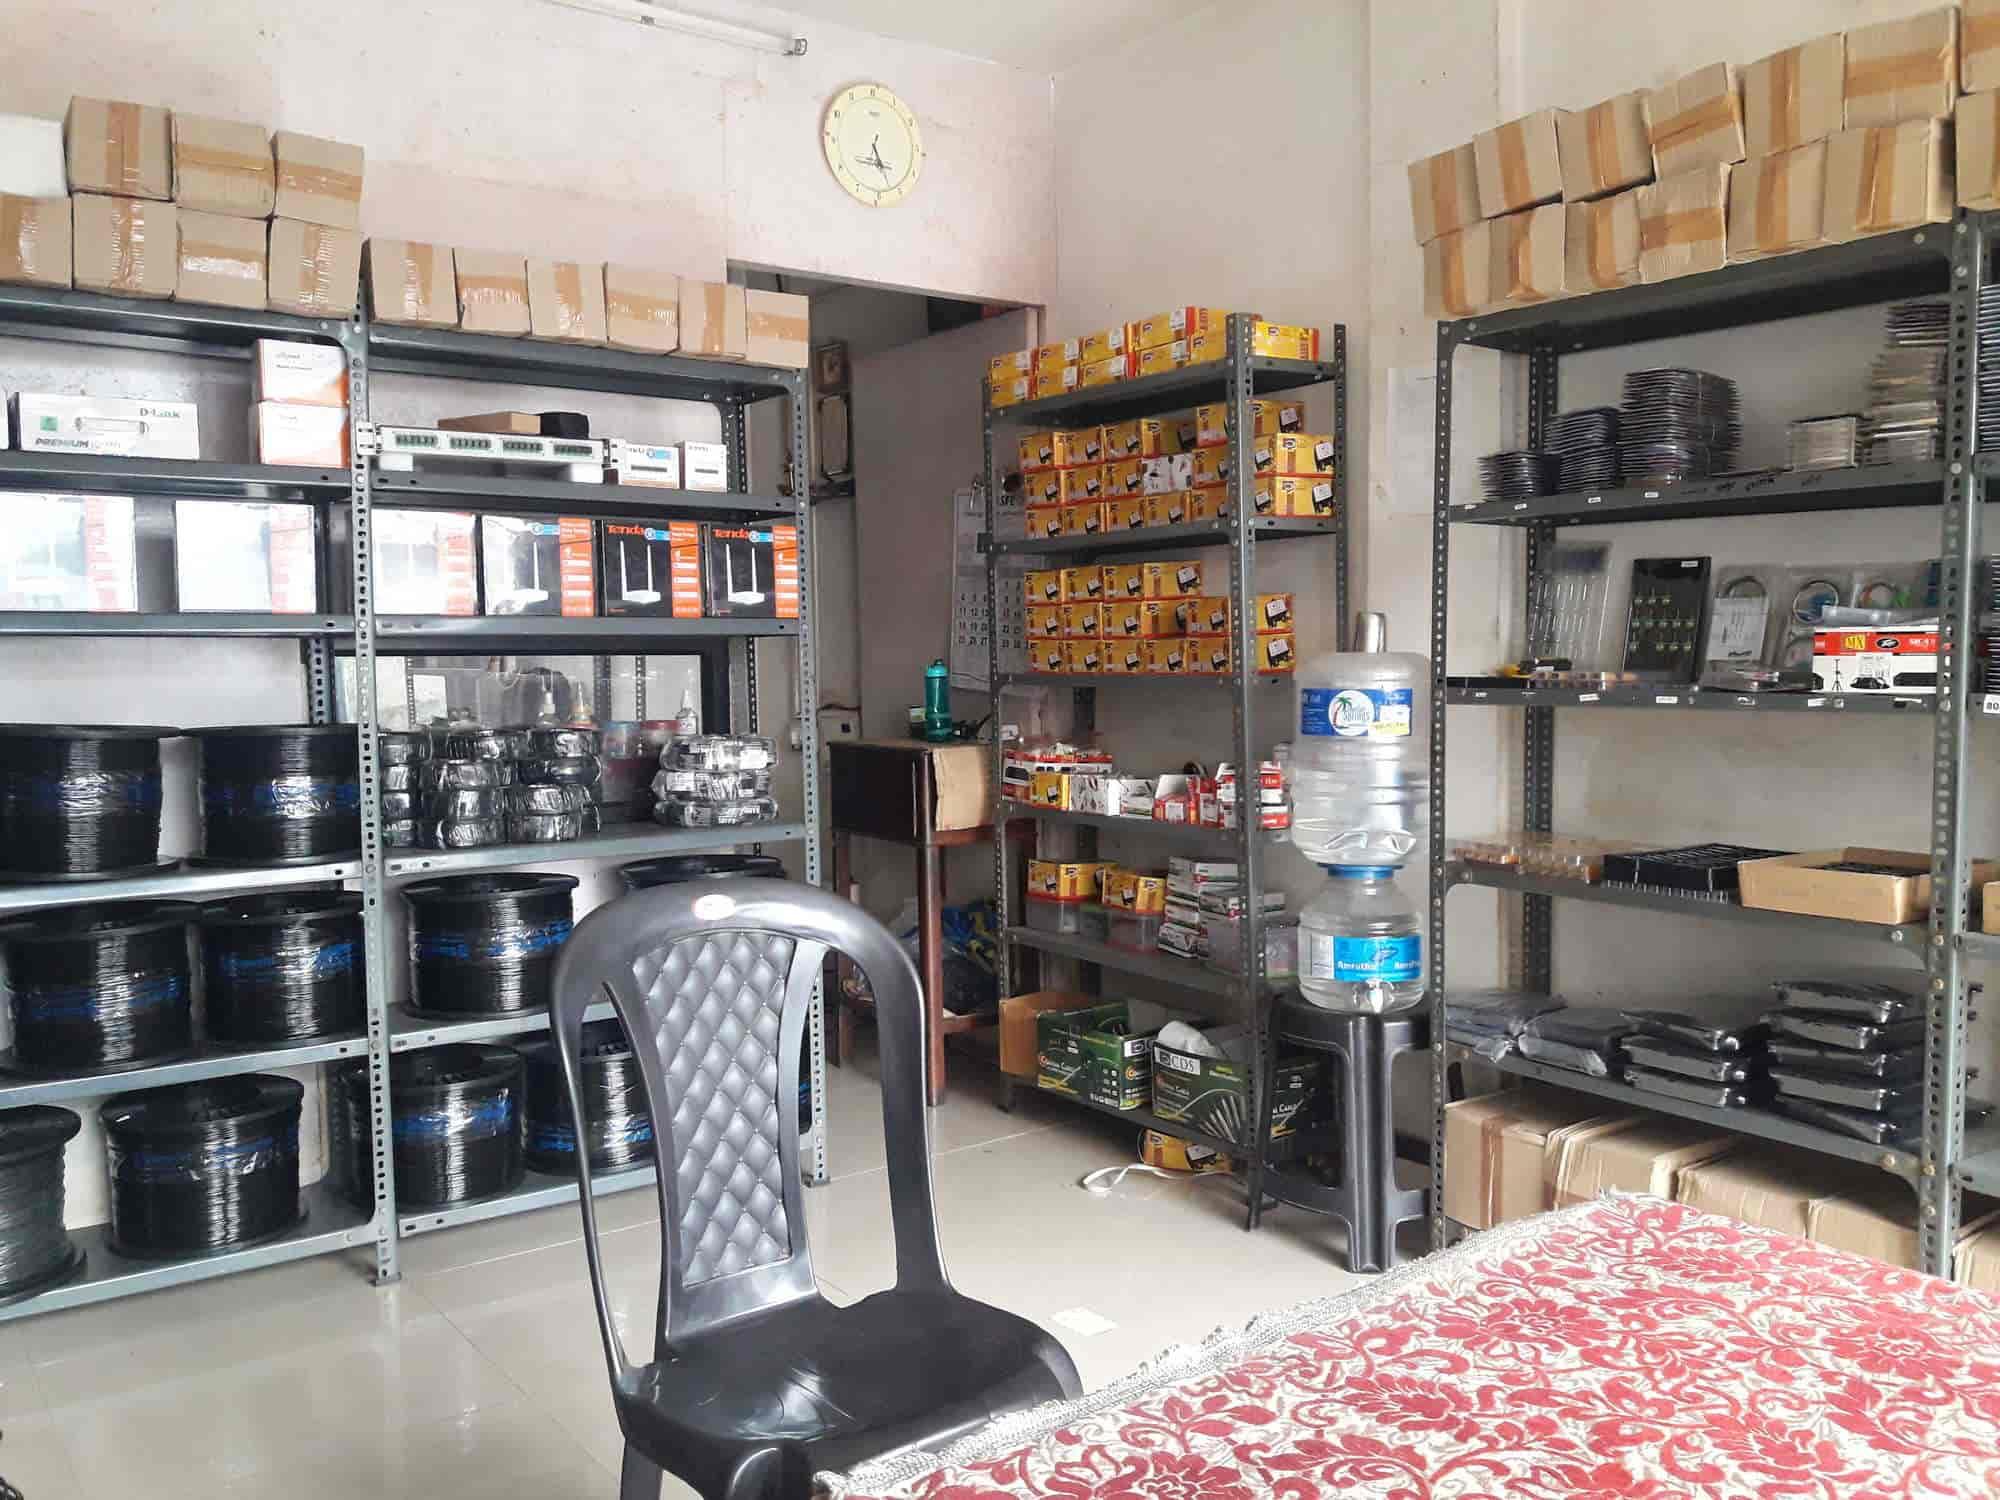 COMSAT CABLES SHOP, Muvattupuzha Market - Cable Dealers in